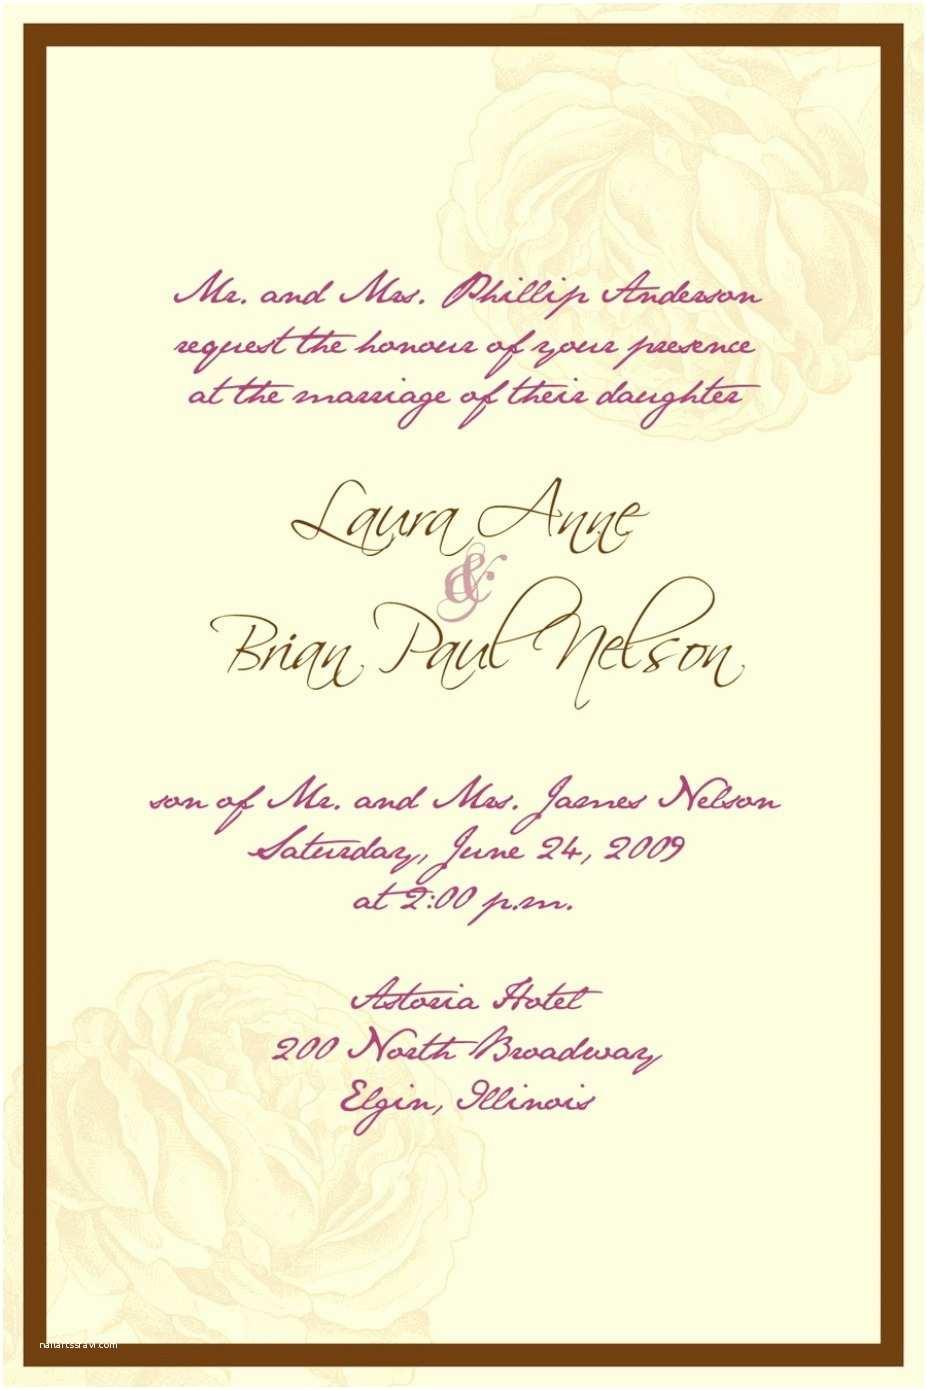 Catholic Wedding Invitations 29 Capture Catholic Wedding Invitations Expensive – the